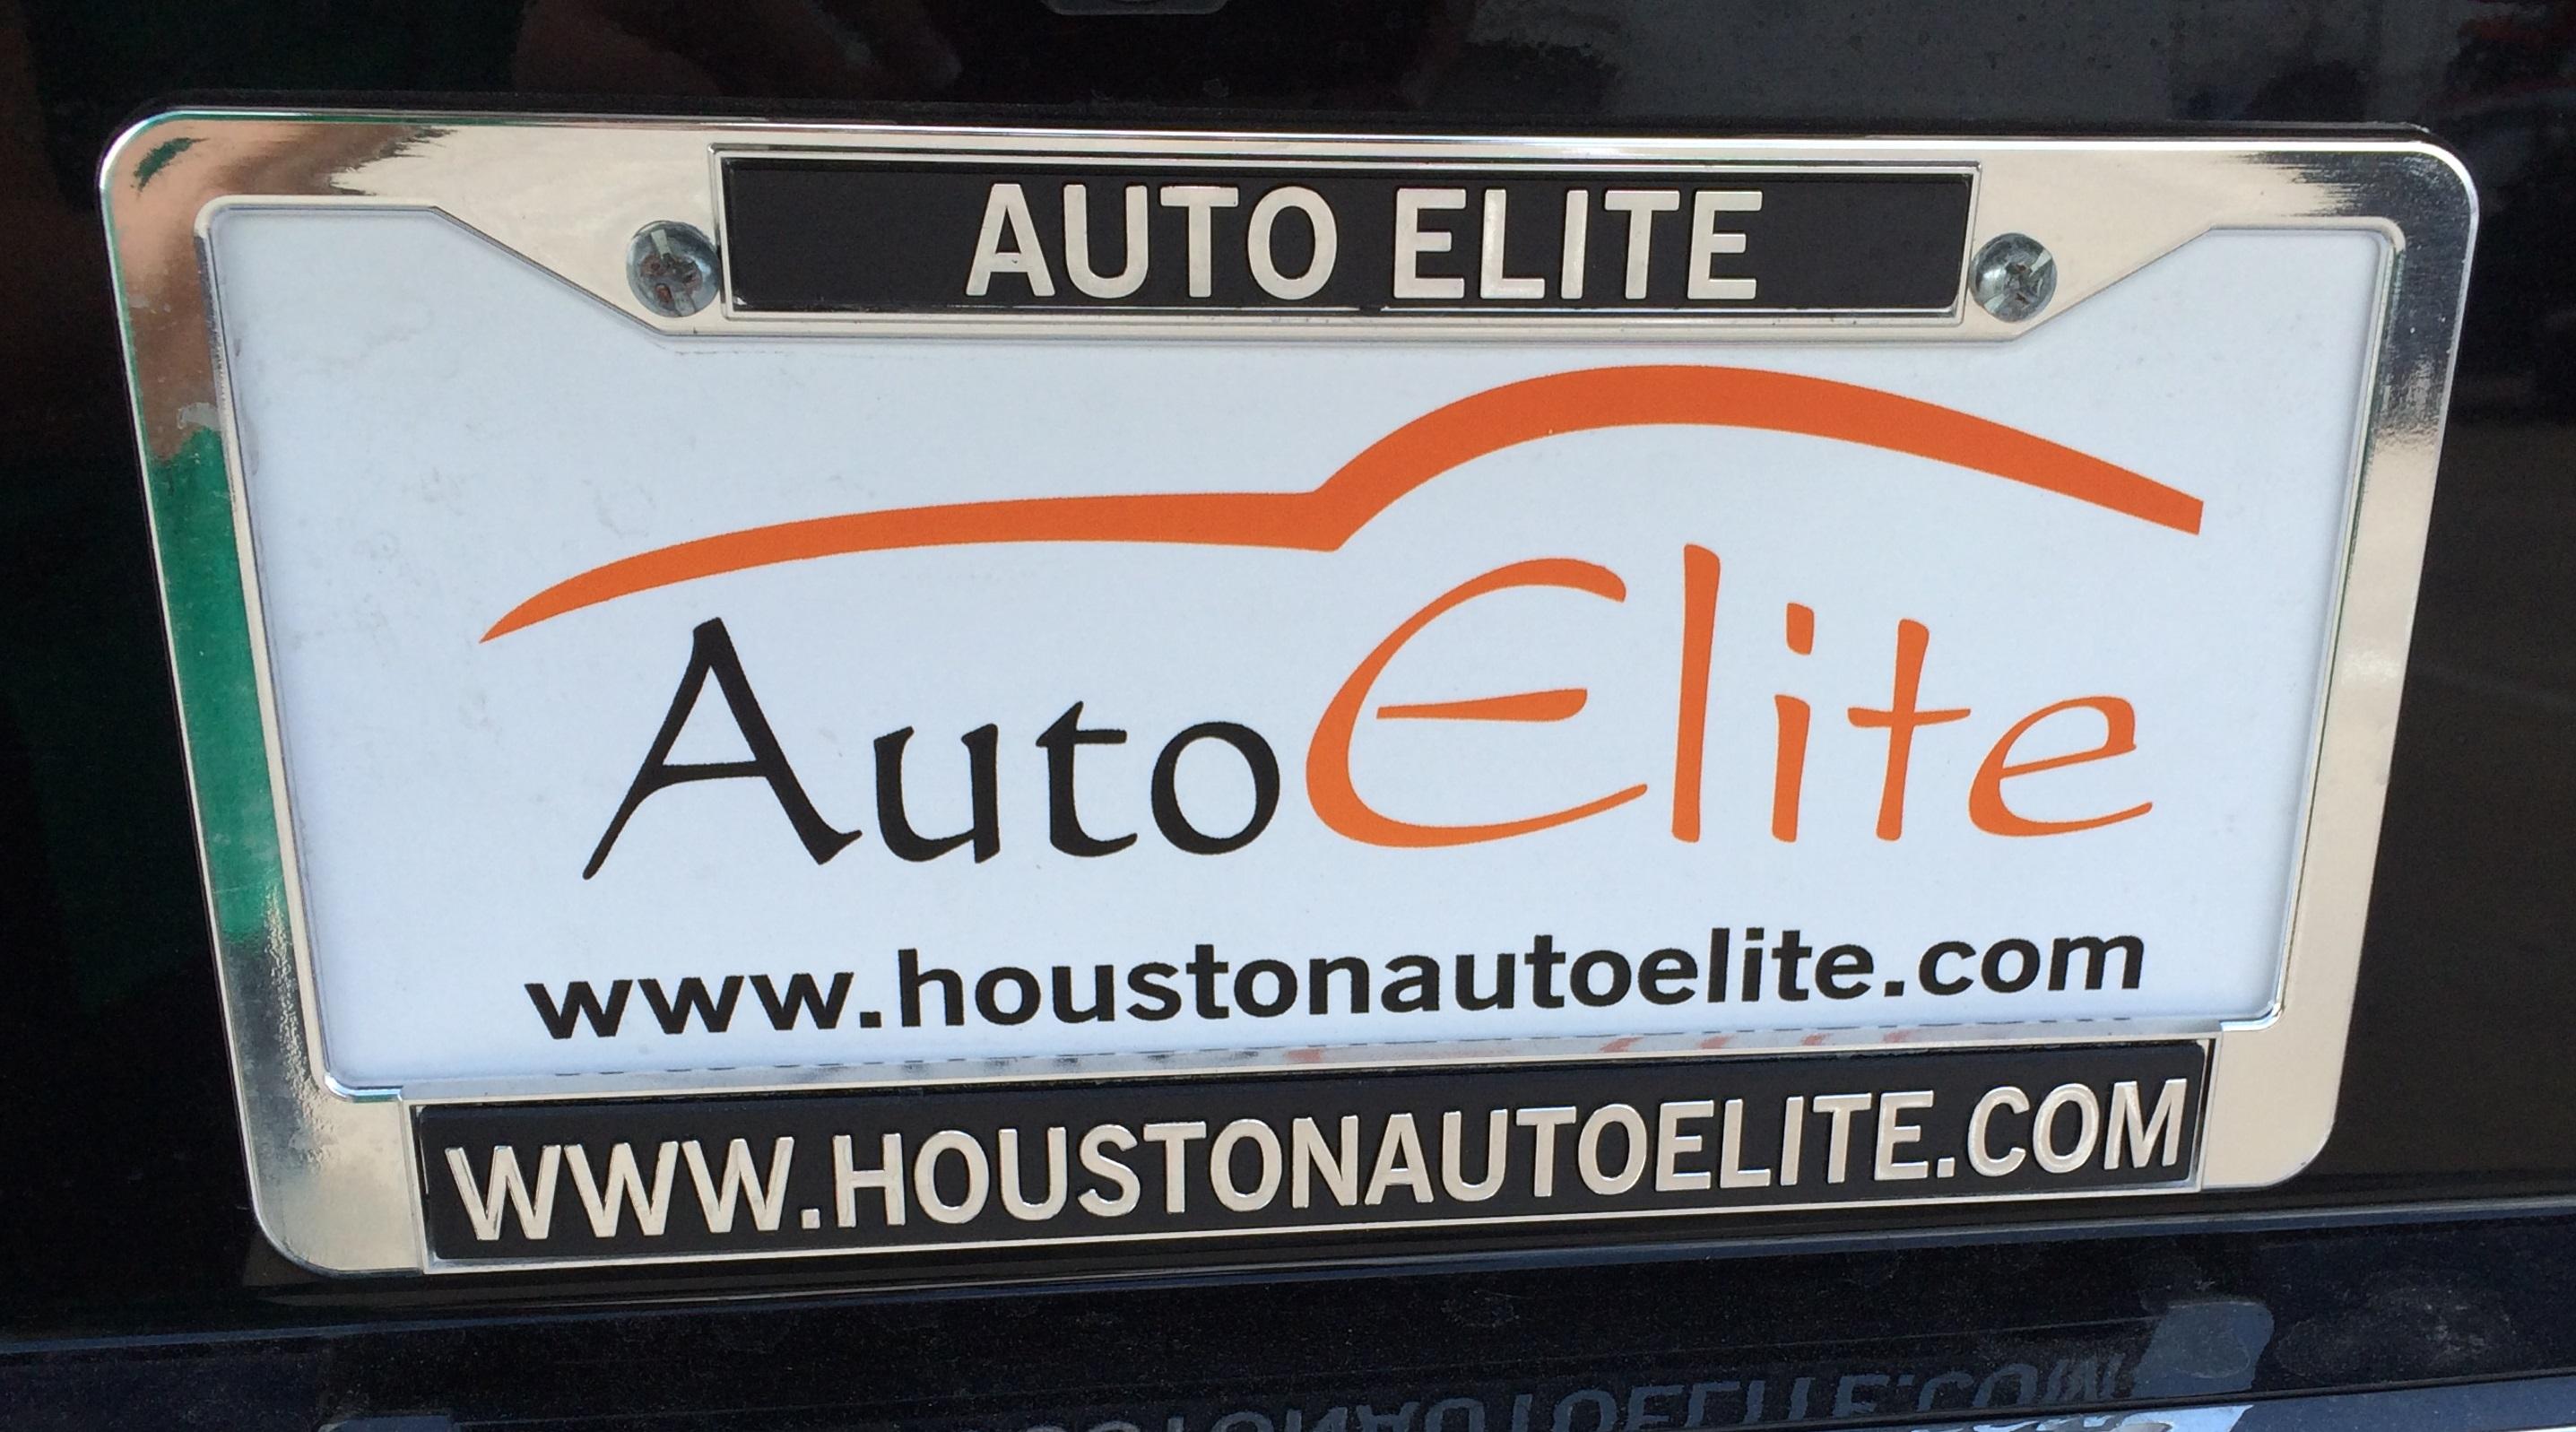 Auto Elite